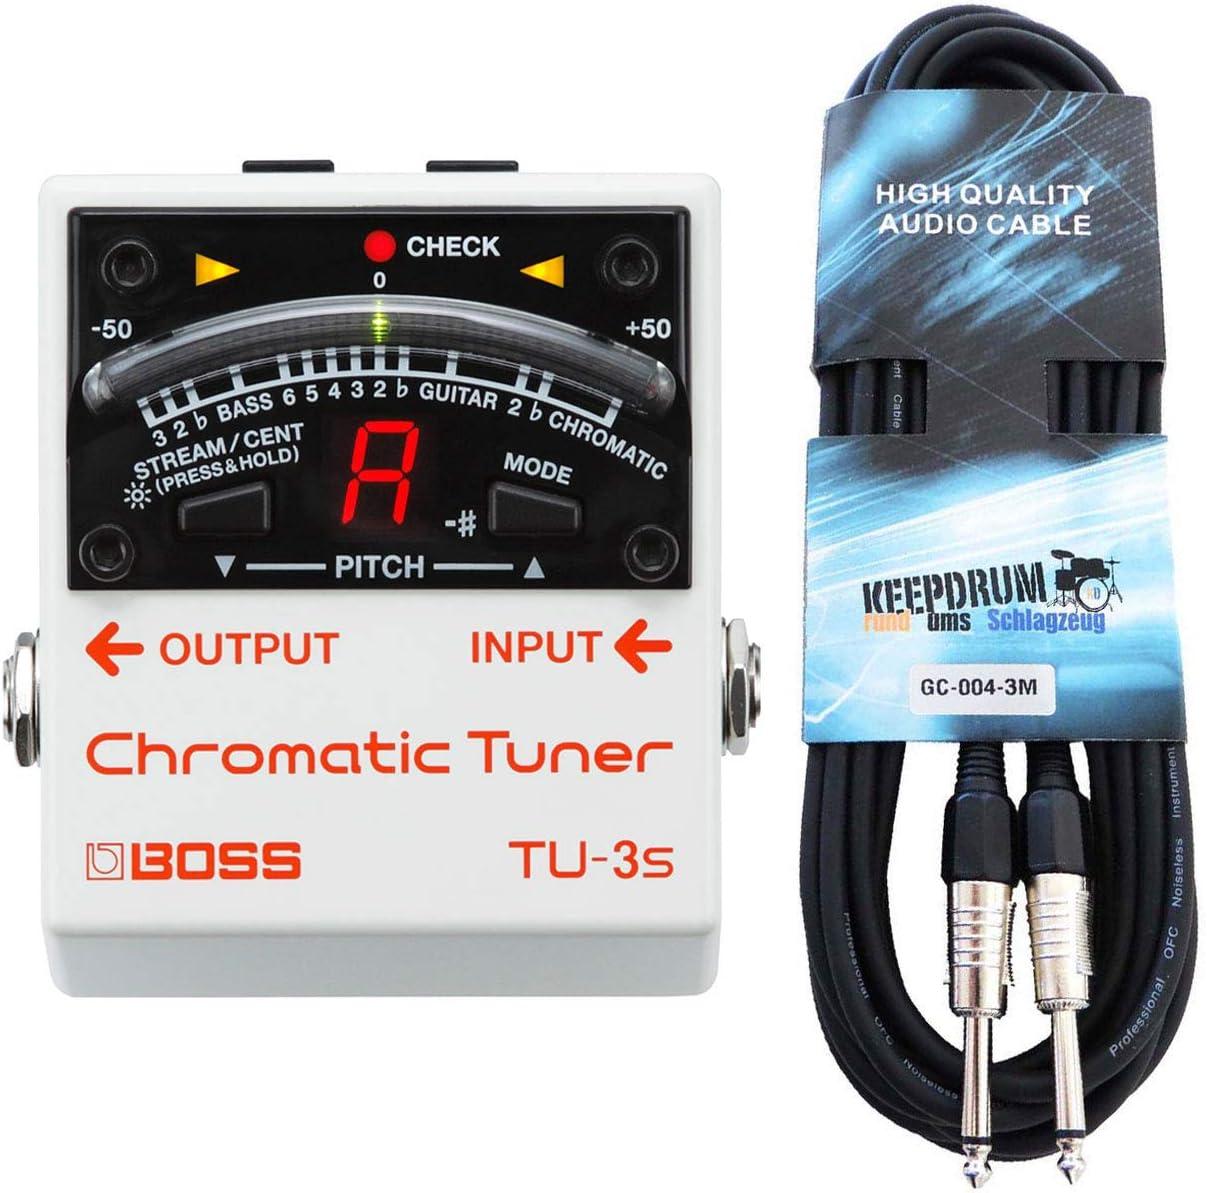 Boss TU-3S - Afinador cromático y cable keepdrum para guitarra (3 m)